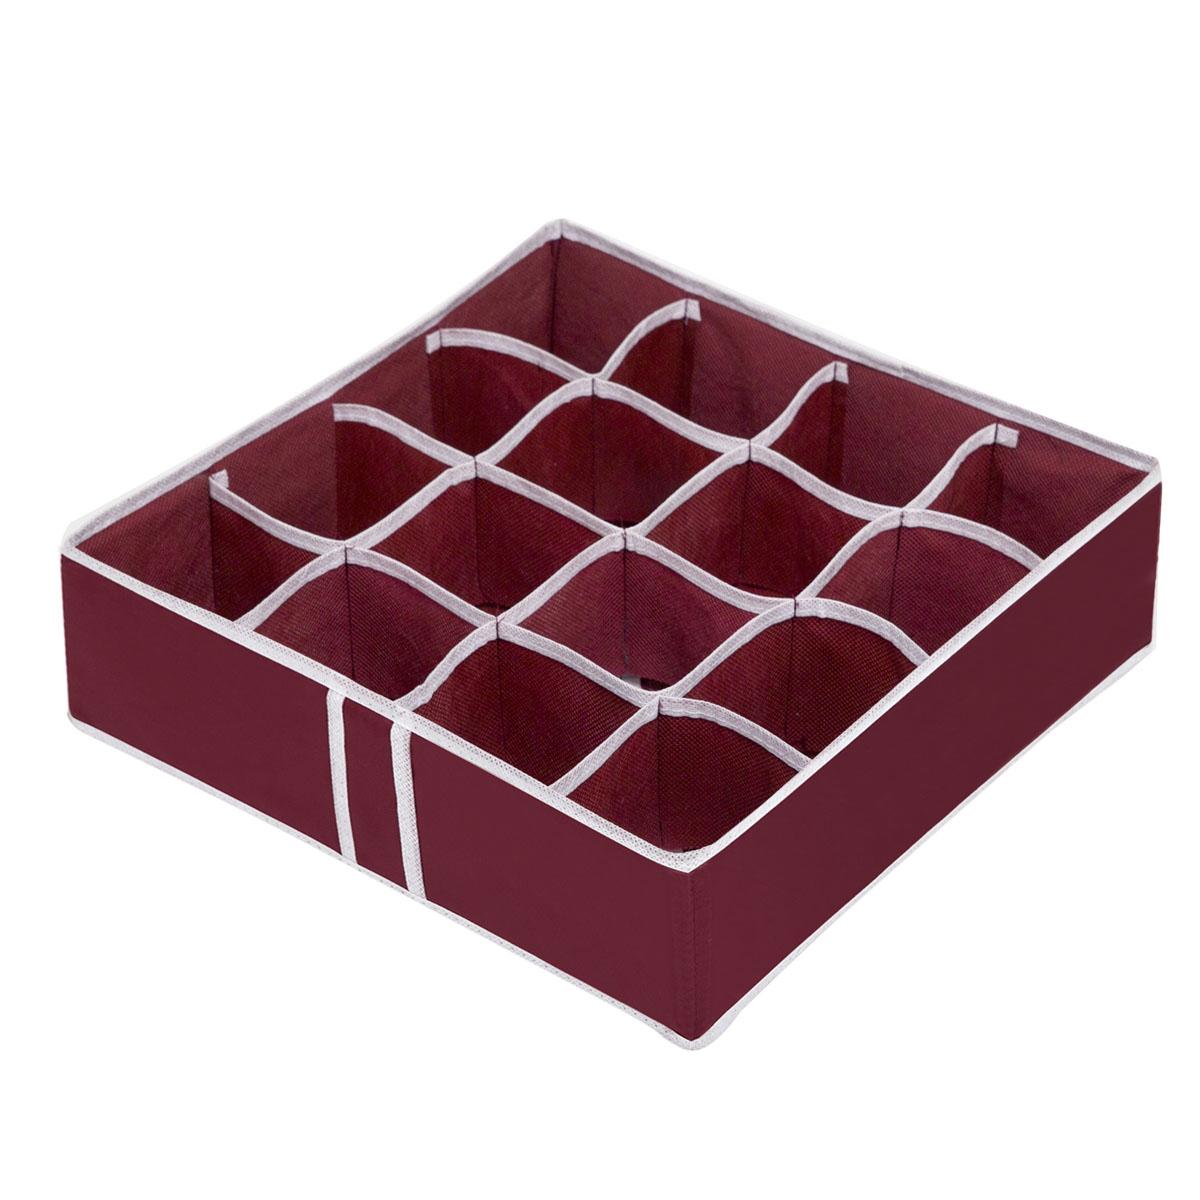 Органайзер для хранения вещей Homsu Red Rose, 16 секций, 35 x 35 x 10 смБрелок для сумкиКомпактный складной органайзер Homsu Red Rose изготовлен из высококачественного полиэстера, который обеспечивает естественную вентиляцию. Материал позволяет воздуху свободно проникать внутрь, но не пропускает пыль. Органайзер отлично держит форму, благодаря вставкам из плотного картона. Изделие имеет 16 квадратных секций для хранения нижнего белья, колготок, носков и другой одежды.Такой органайзер позволит вам хранить вещи компактно и удобно.Размер секции: 8 х 8 см.